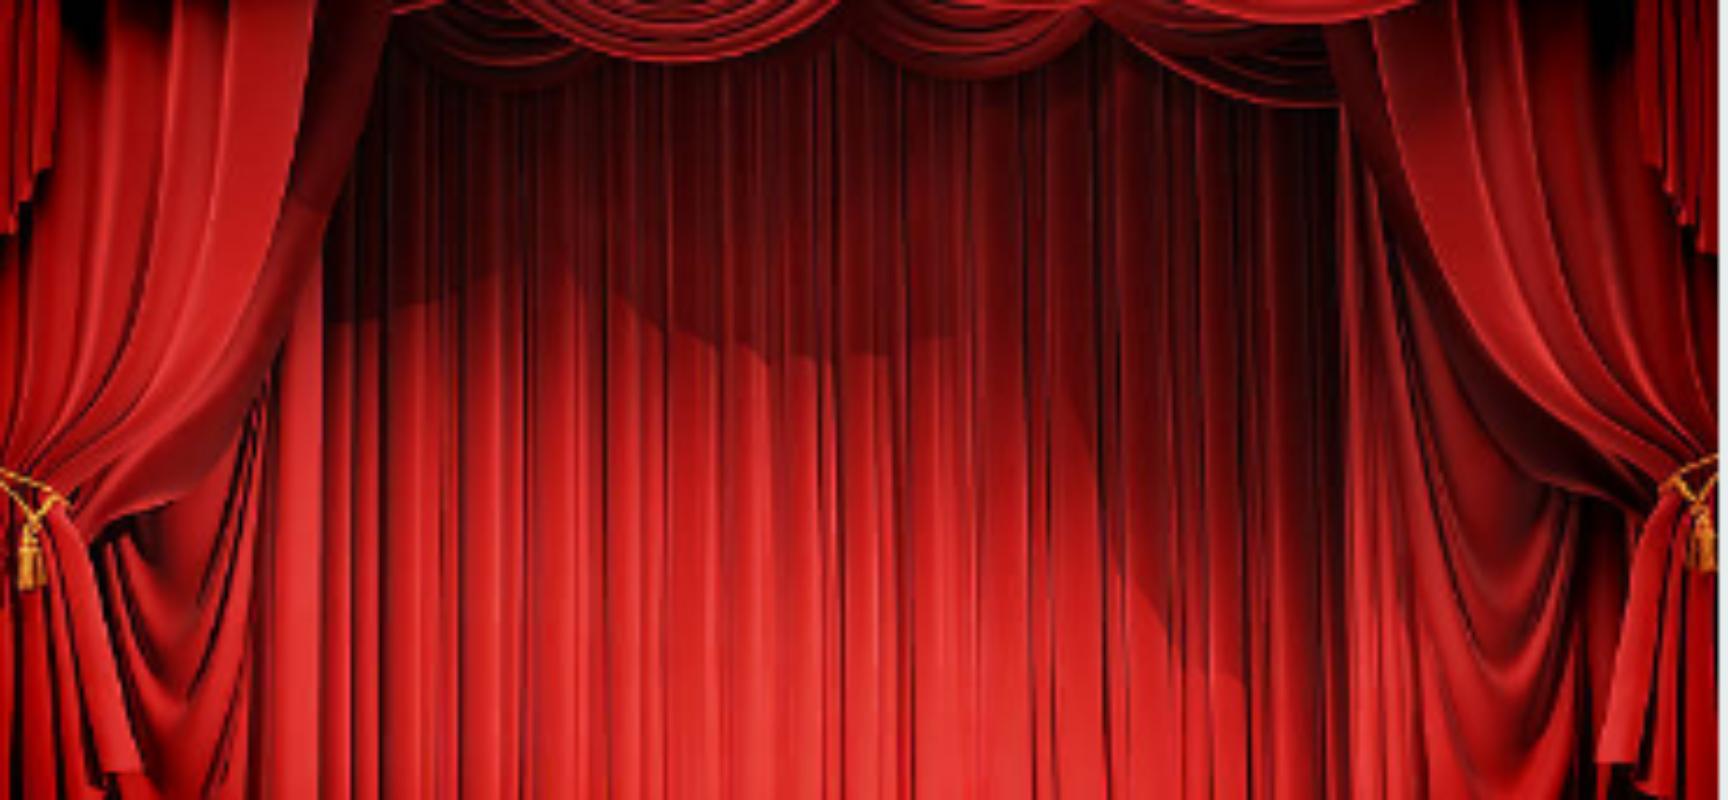 Teatro Popular de Ilhéus tem rica programação virtual para outubro